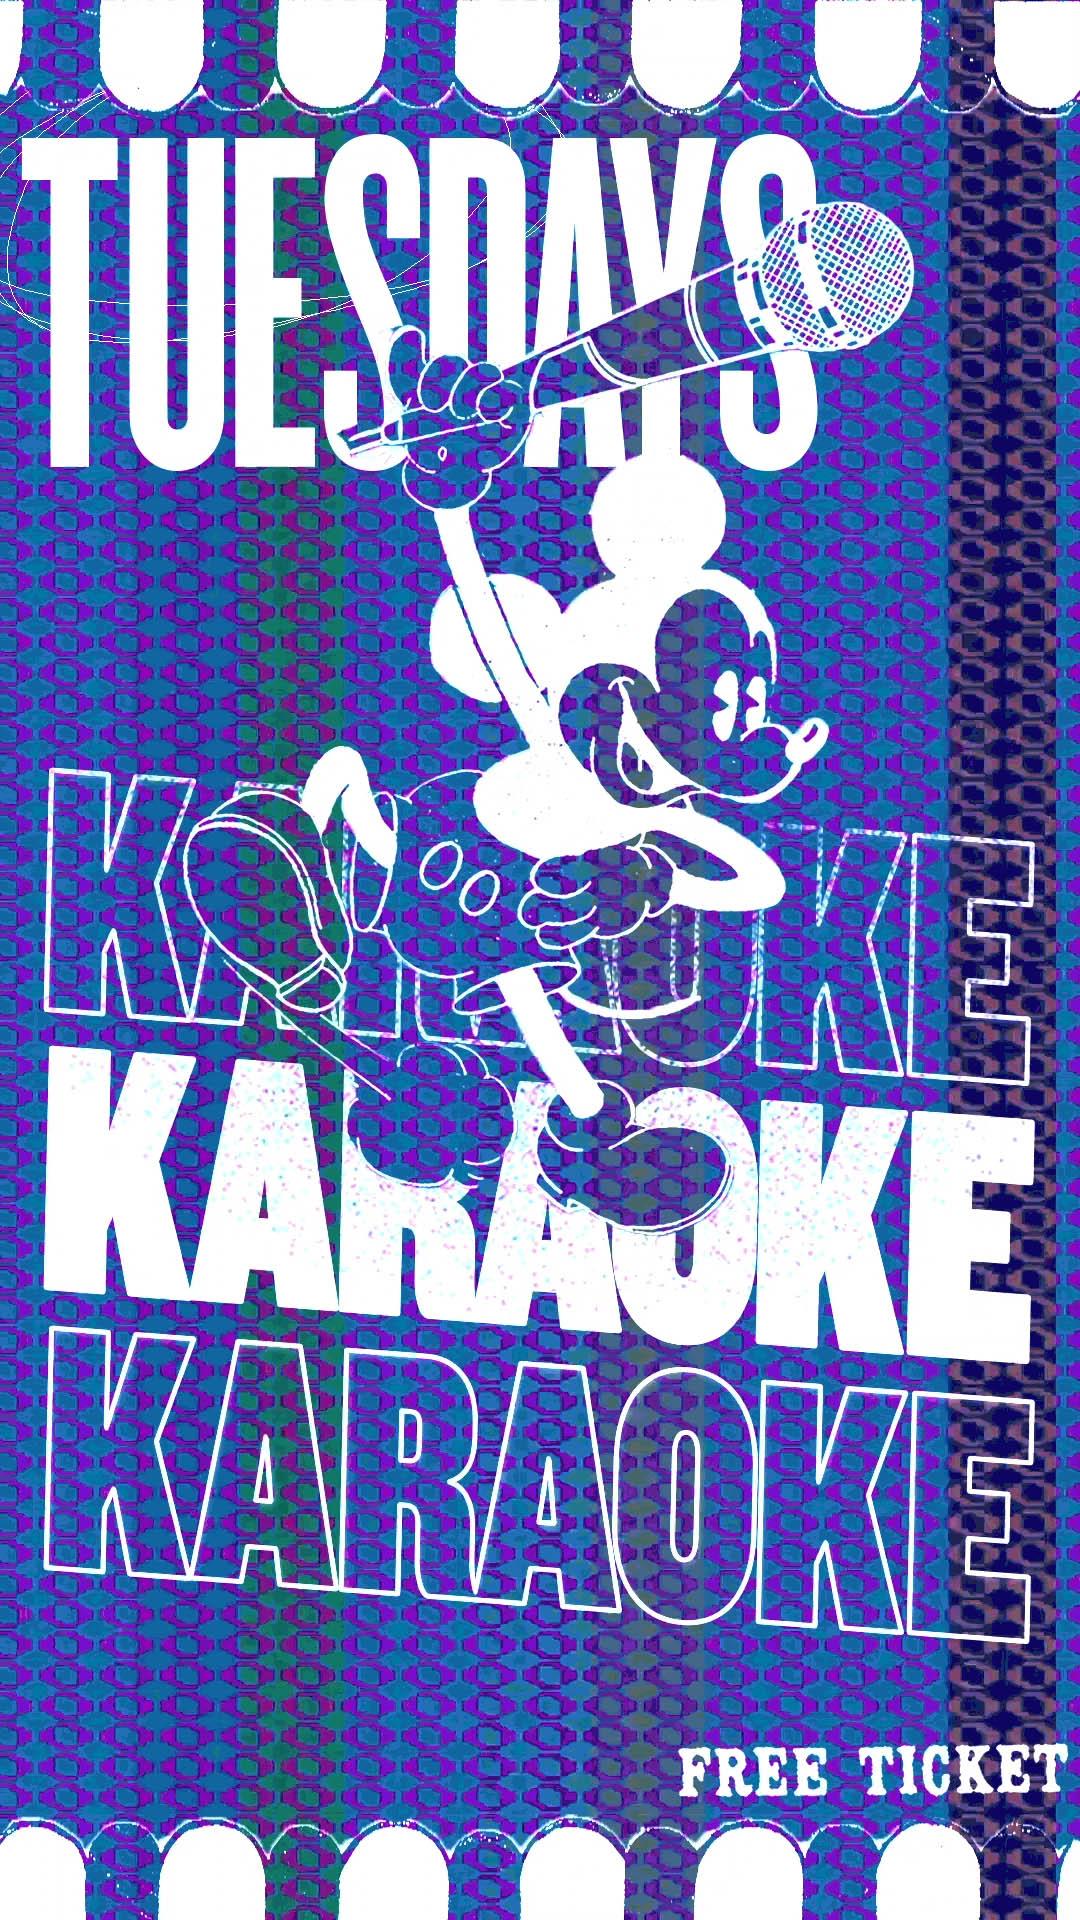 Karaoke_02.jpg